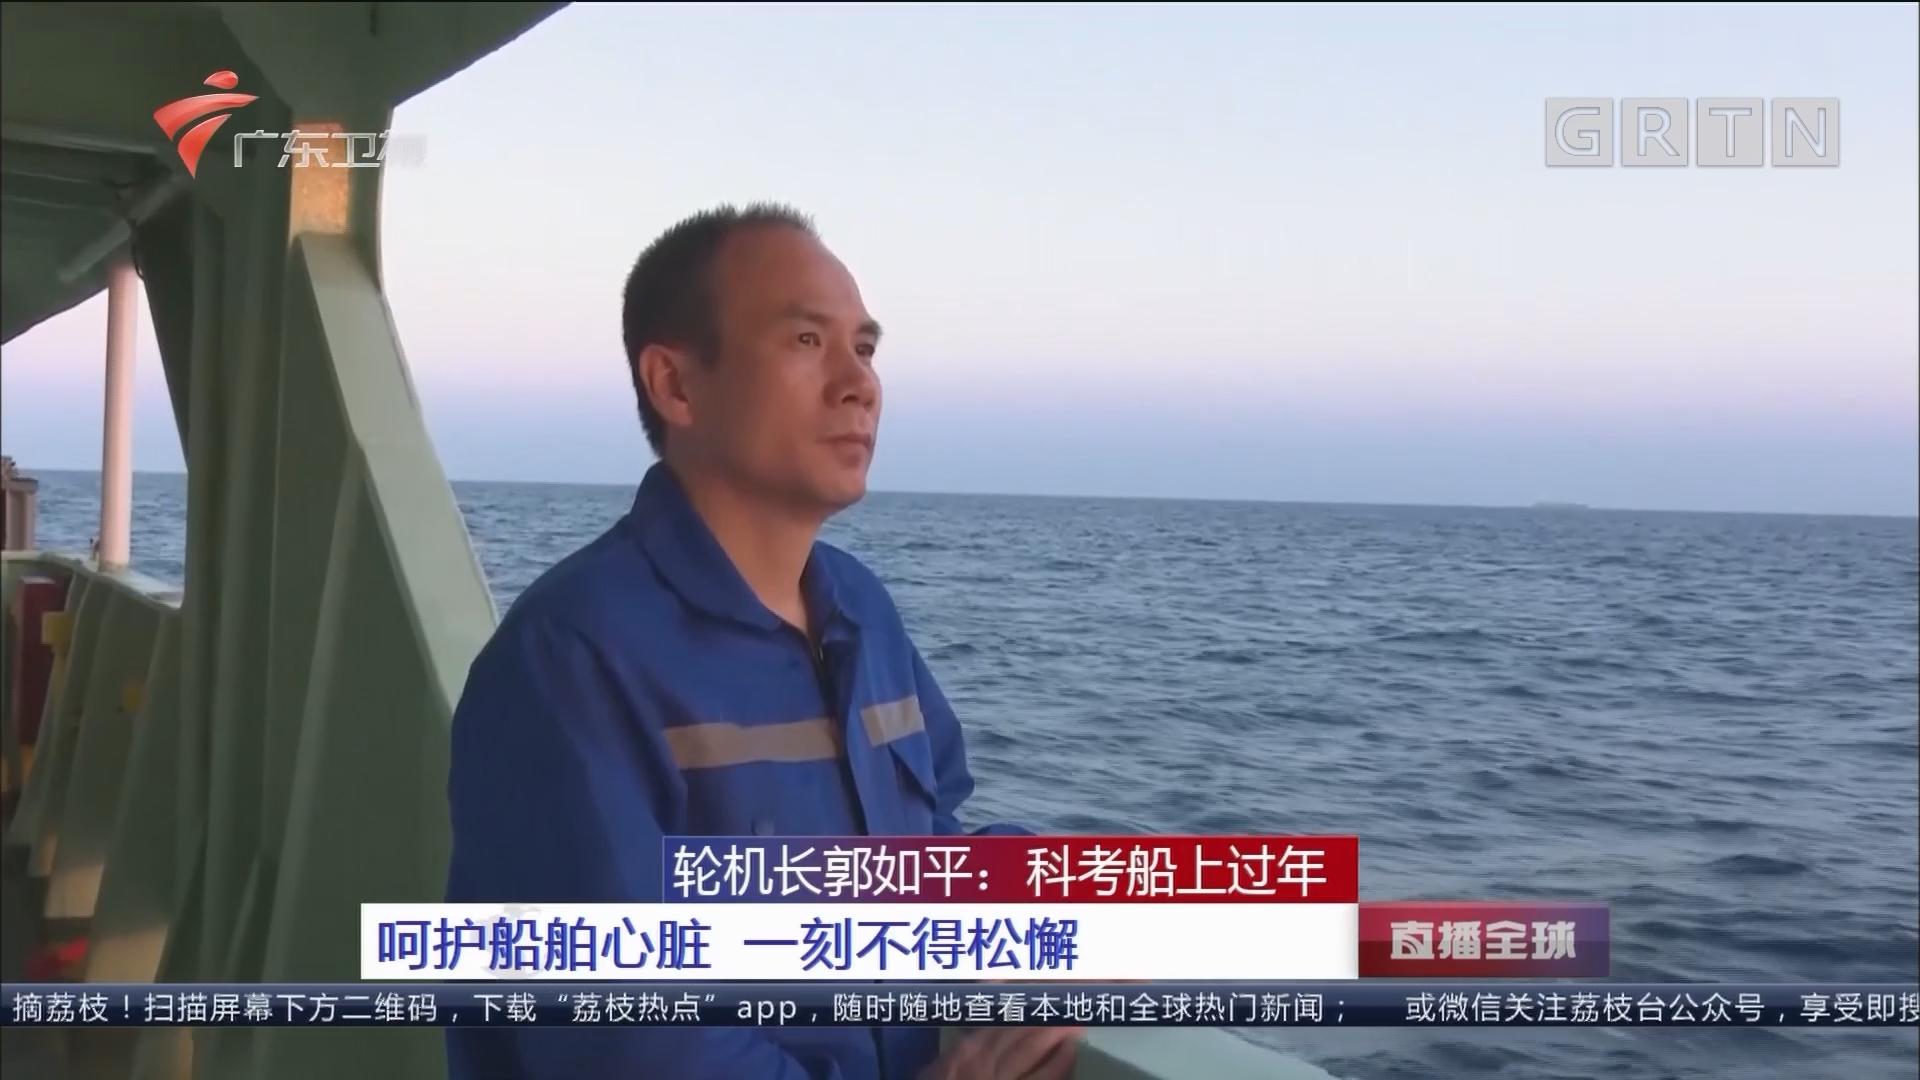 轮机长郭如平:科考船上过年 呵护船舶心脏 一刻不得松懈